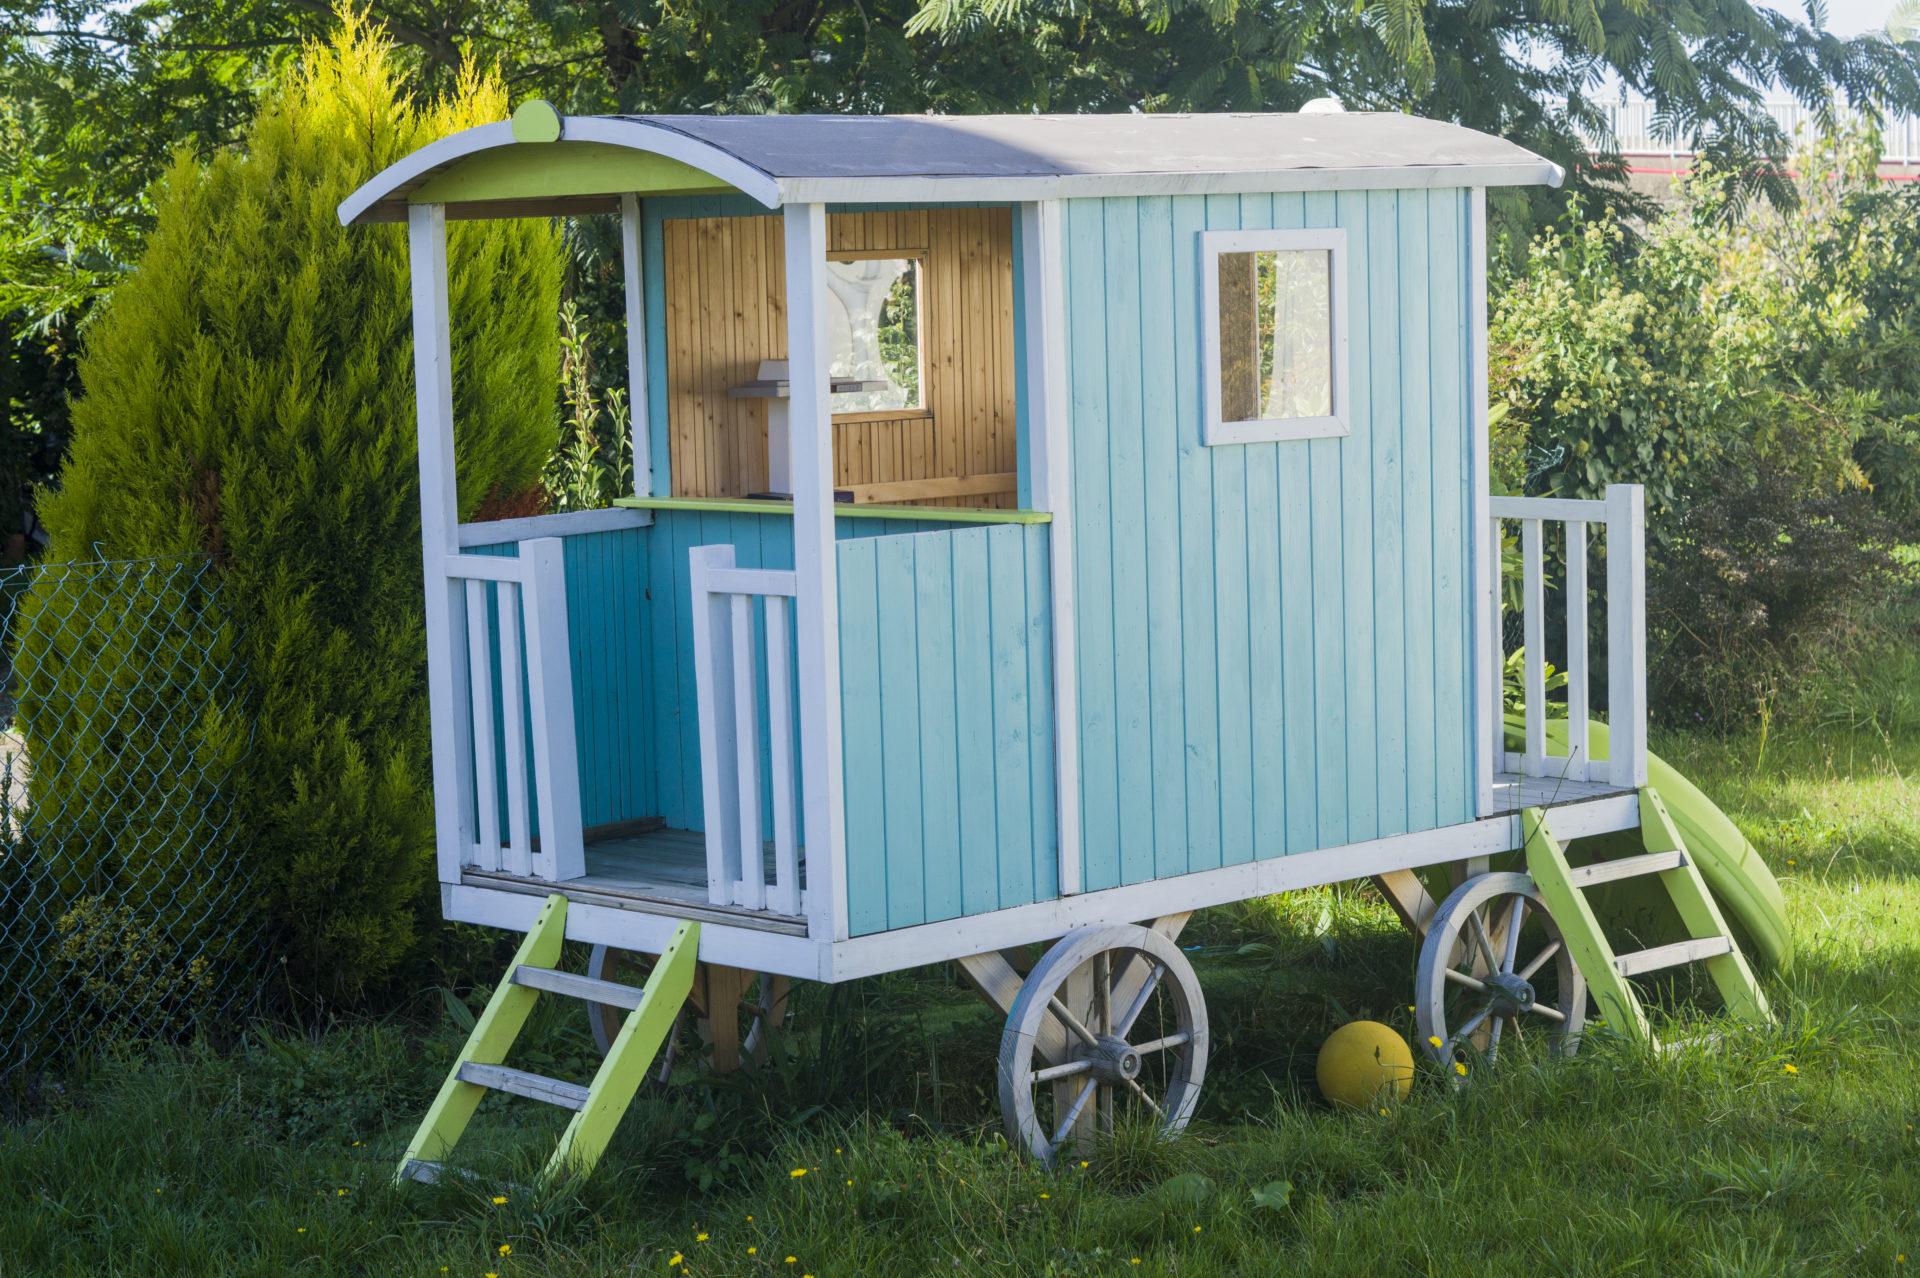 Cabane En Bois Pour Enfant, Cabane Jardin Enfant - Acheter ... concernant Maison De Jardin Pour Enfant